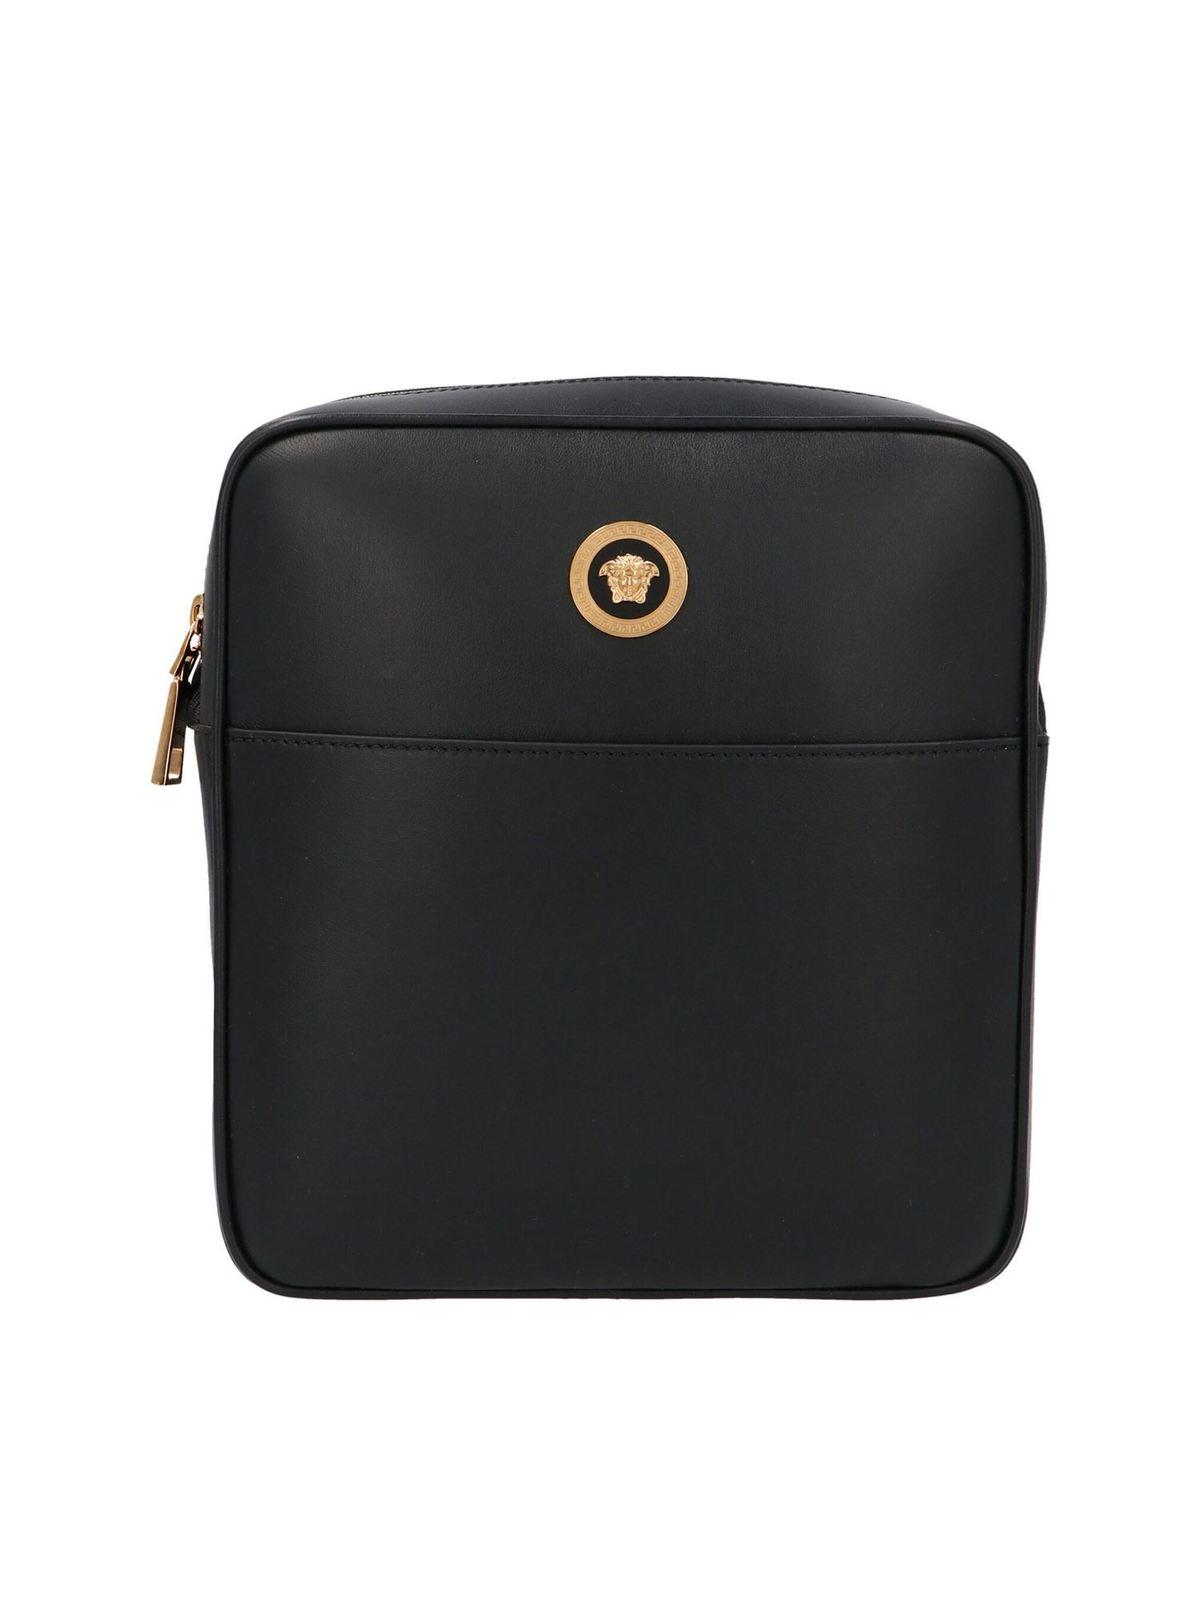 Versace MEDUSA SHOULDER BAG IN BLACK